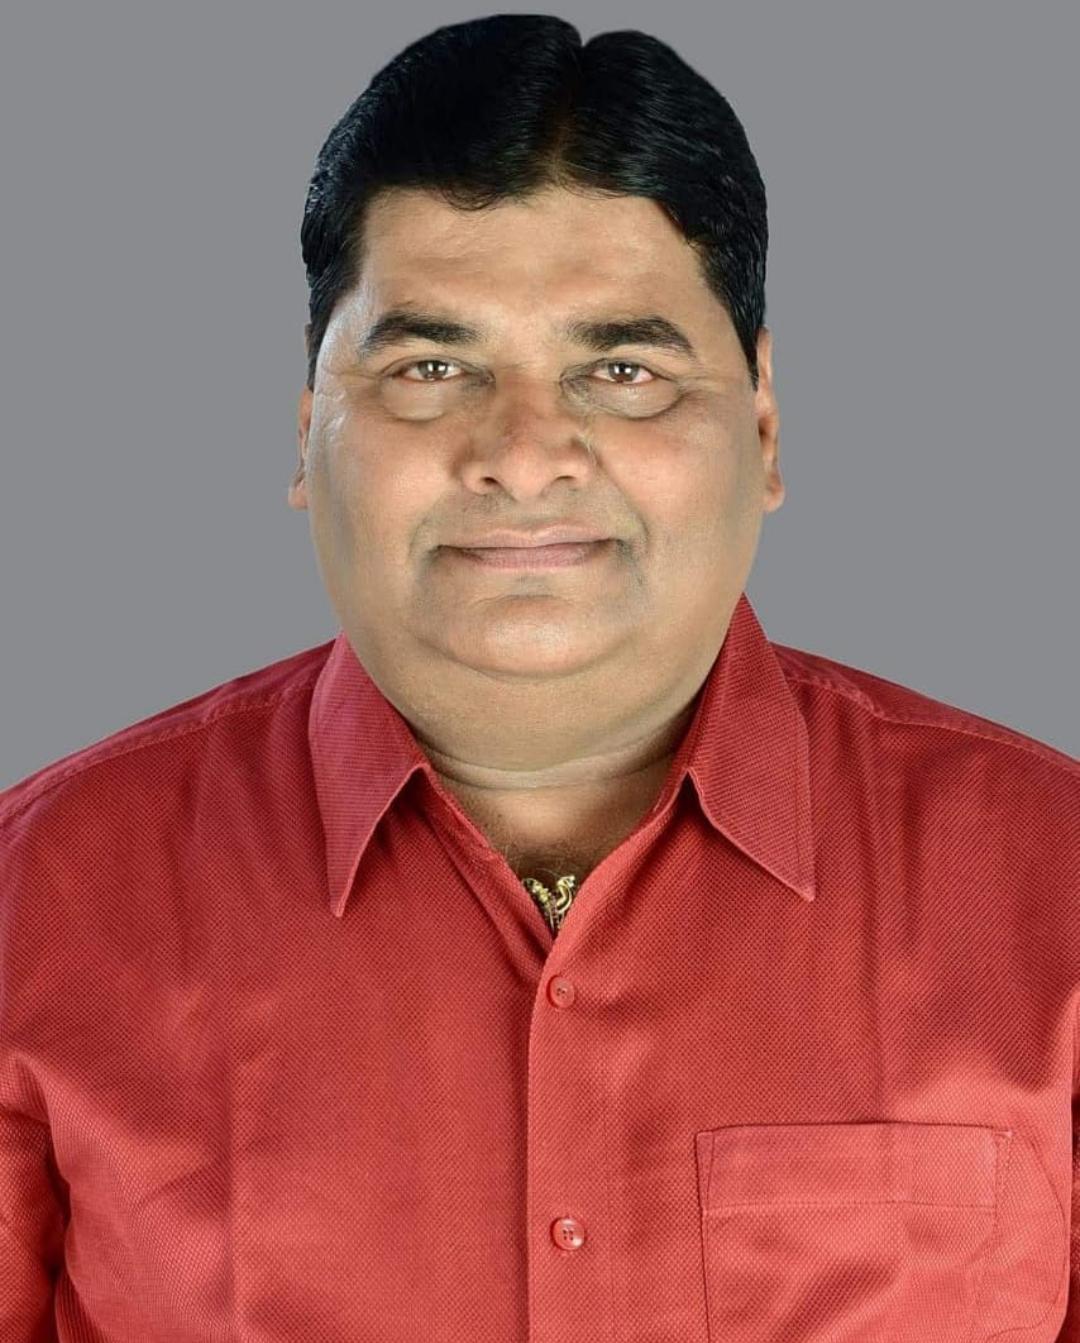 અમરેલીમાં નોંધાયેલી લેન્ડ ગ્રેબિંગની ફરિયાદમા ભાજપના નેતા પી.પી. સોજીત્રા નુ નામ ખૂલ્યું, પોલીસે સોજીત્રાની શોધખોળ હાથ ધરી અમરેલી,Amreli - Divya Bhaskar